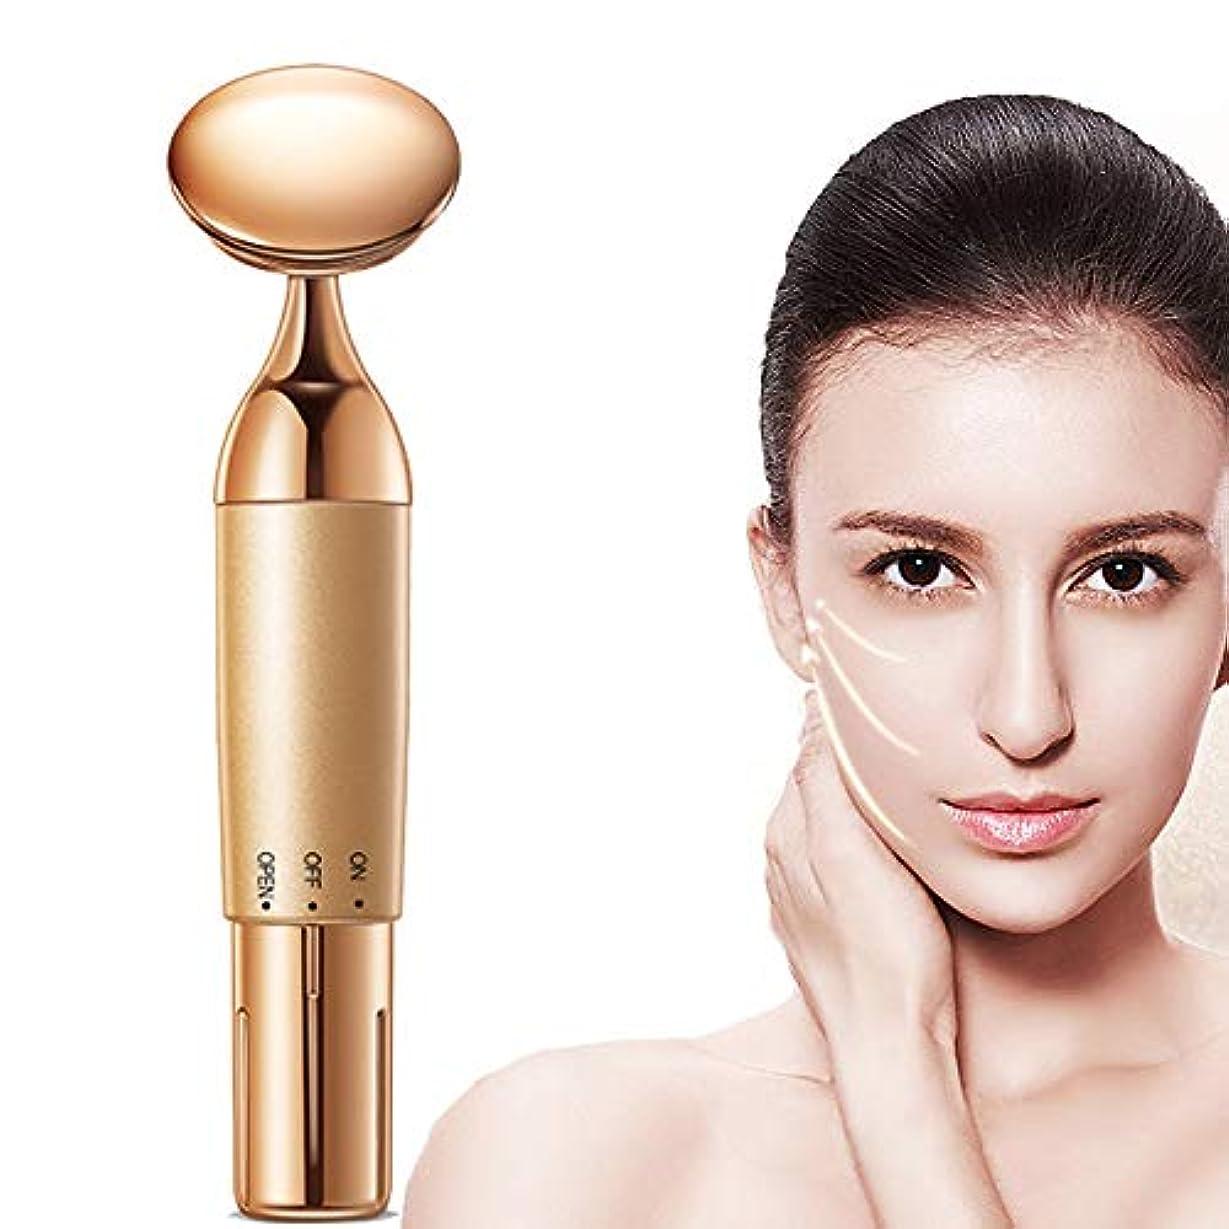 知覚するビスケットペレグリネーションRF lifting device Facial beauty massager facial lifting firming wrinkle removal eye bags roller